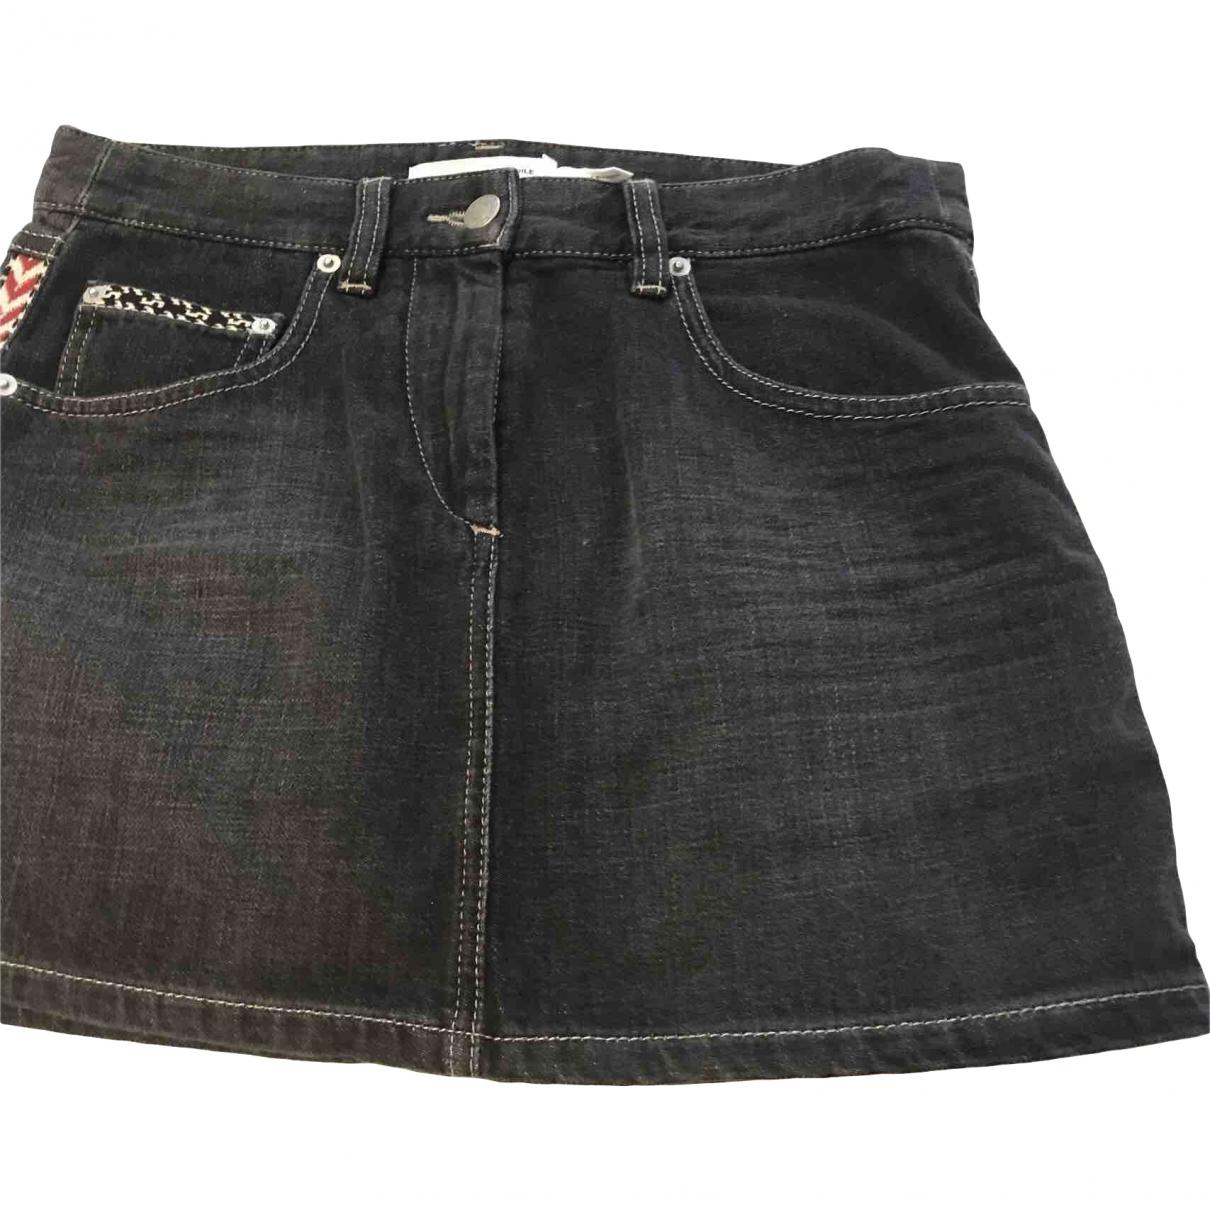 Isabel Marant Etoile \N Grey Denim - Jeans skirt for Women 36 FR